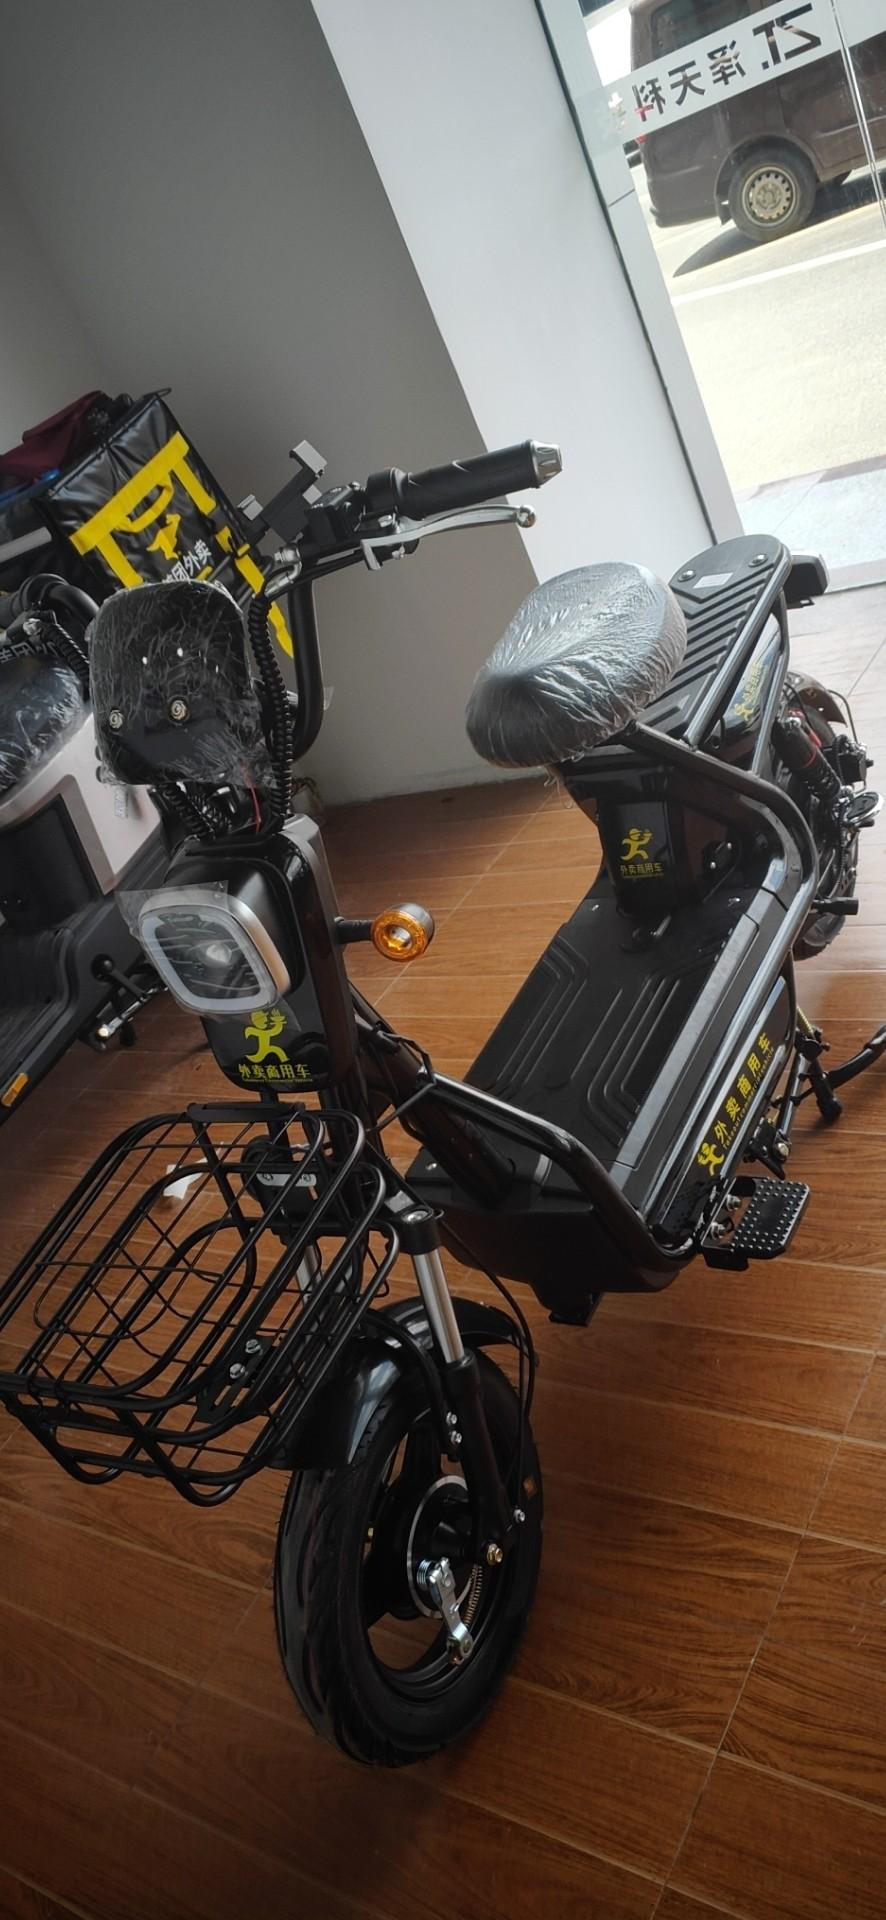 傲邦電動單車(550押金670)